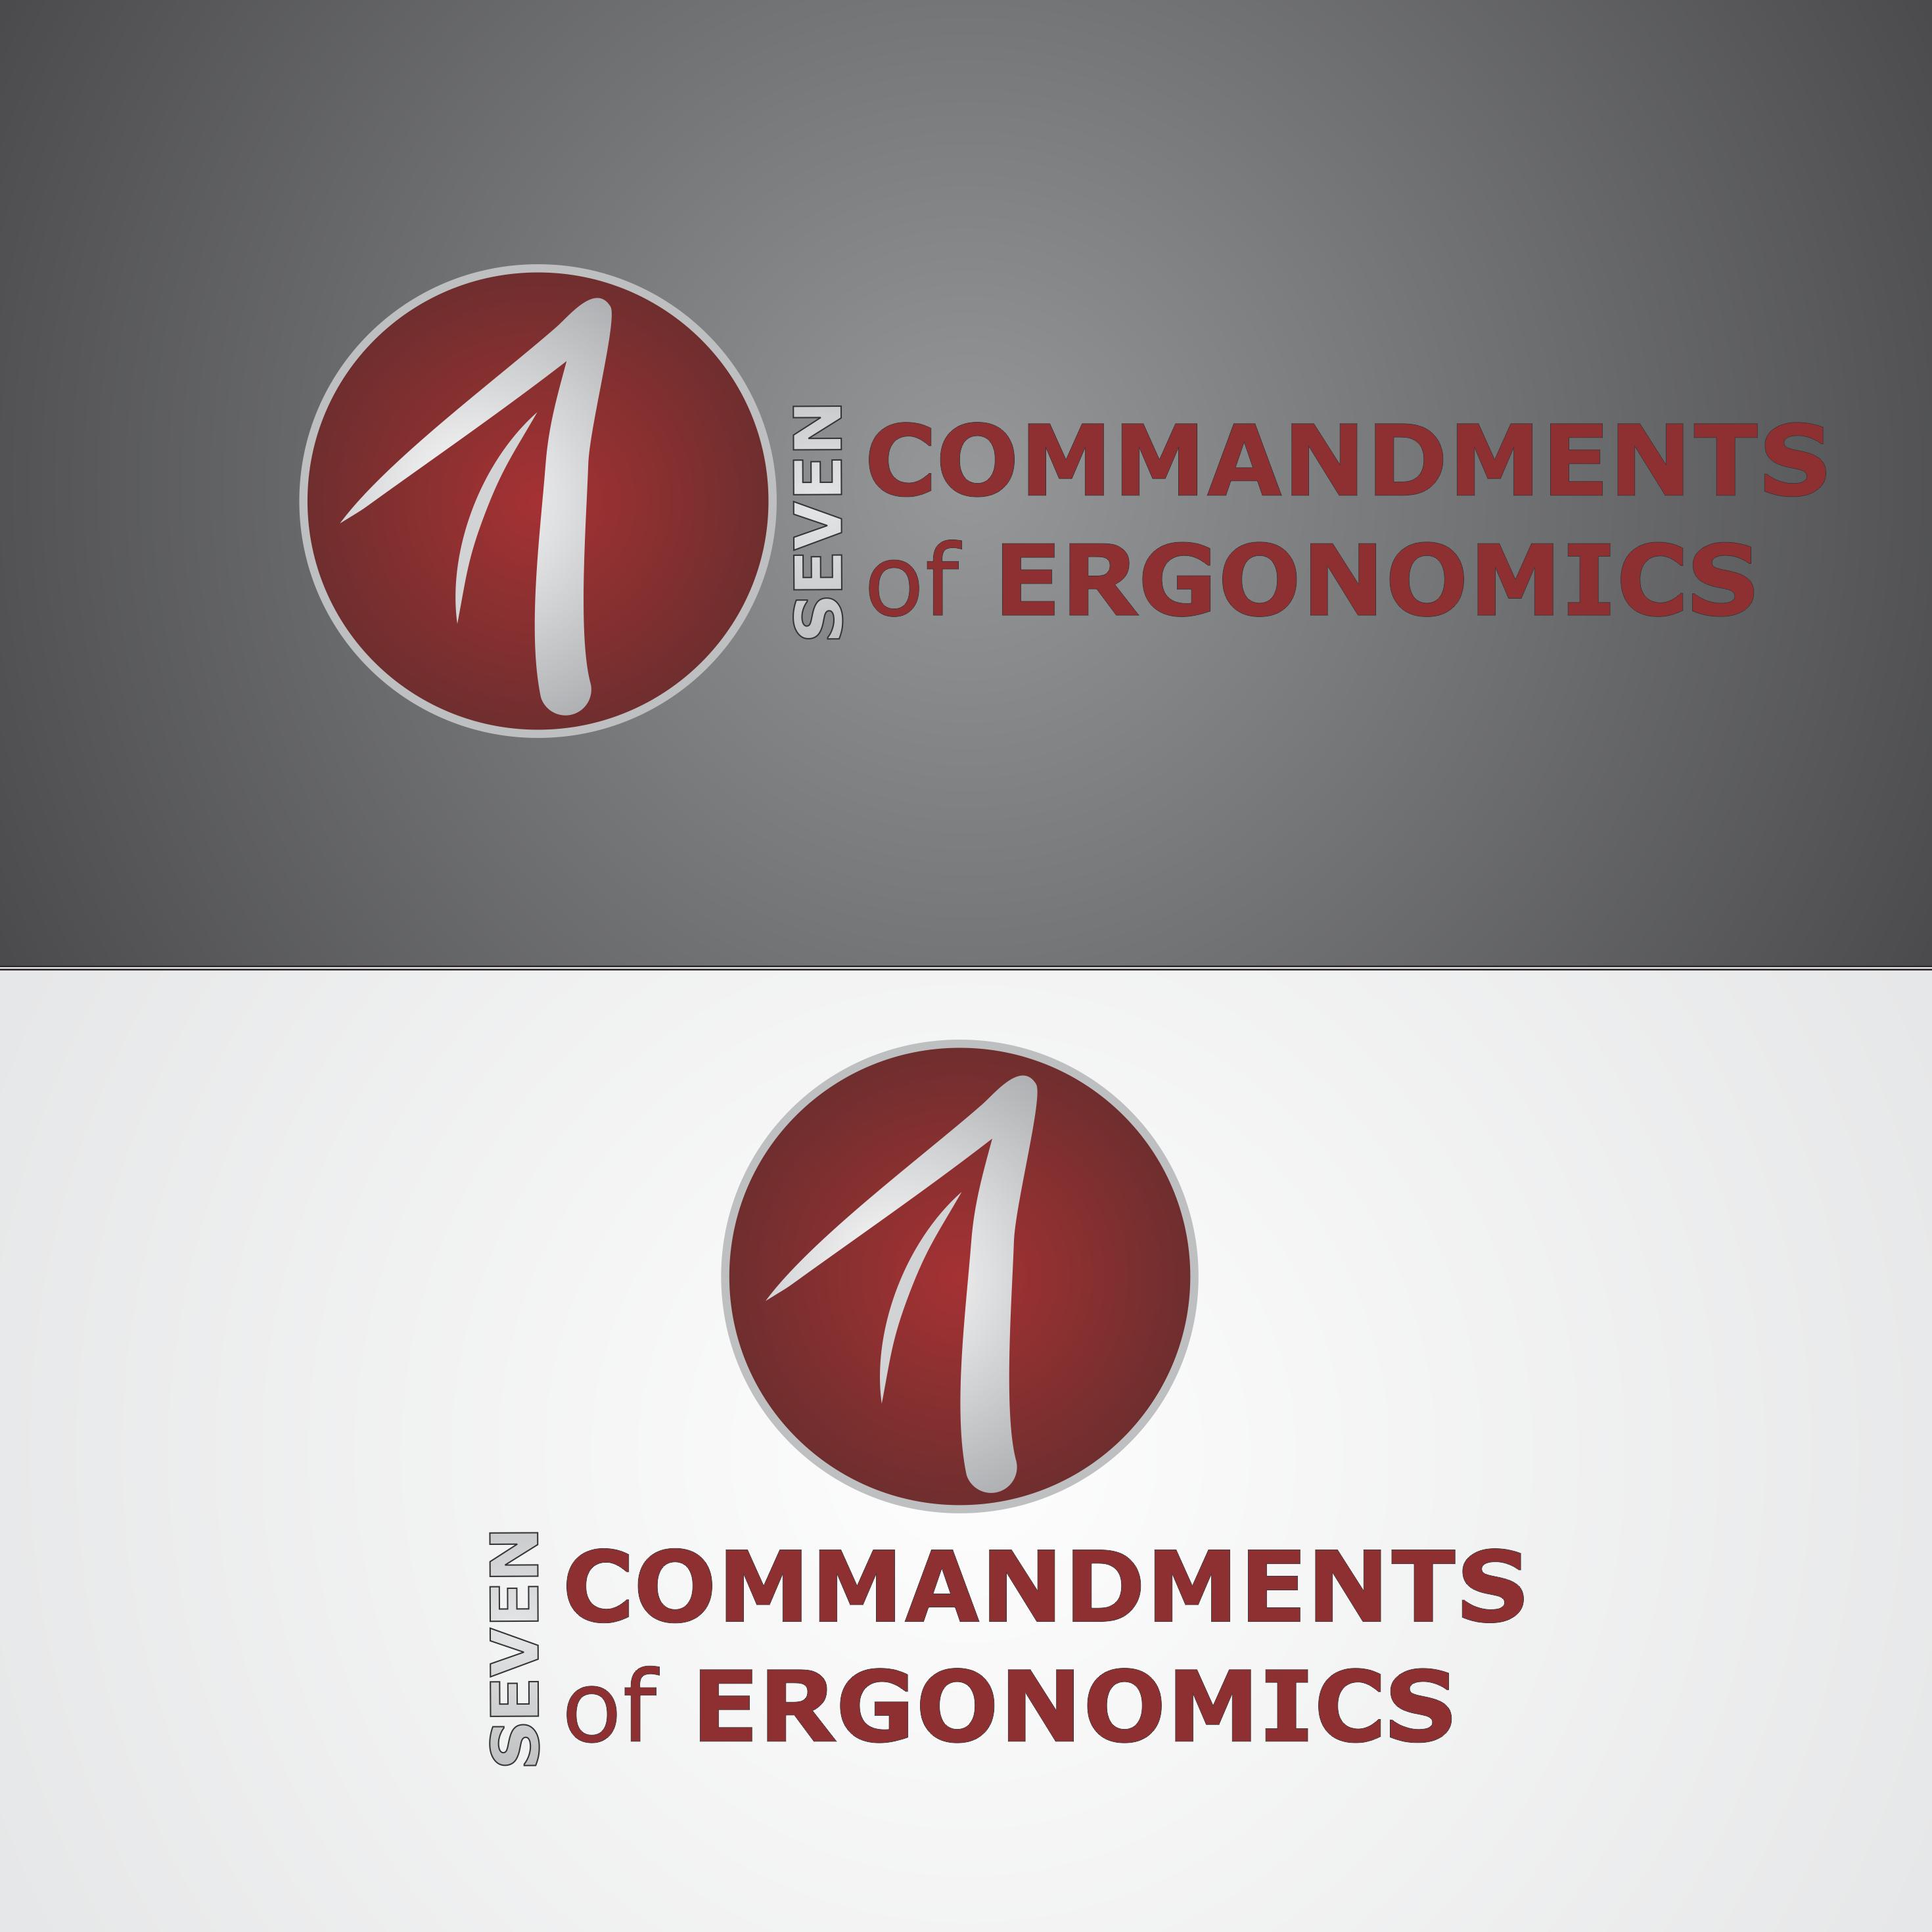 Logo Design by robbiemack - Entry No. 98 in the Logo Design Contest Logo Design for Seven Commandments of Ergonomics.